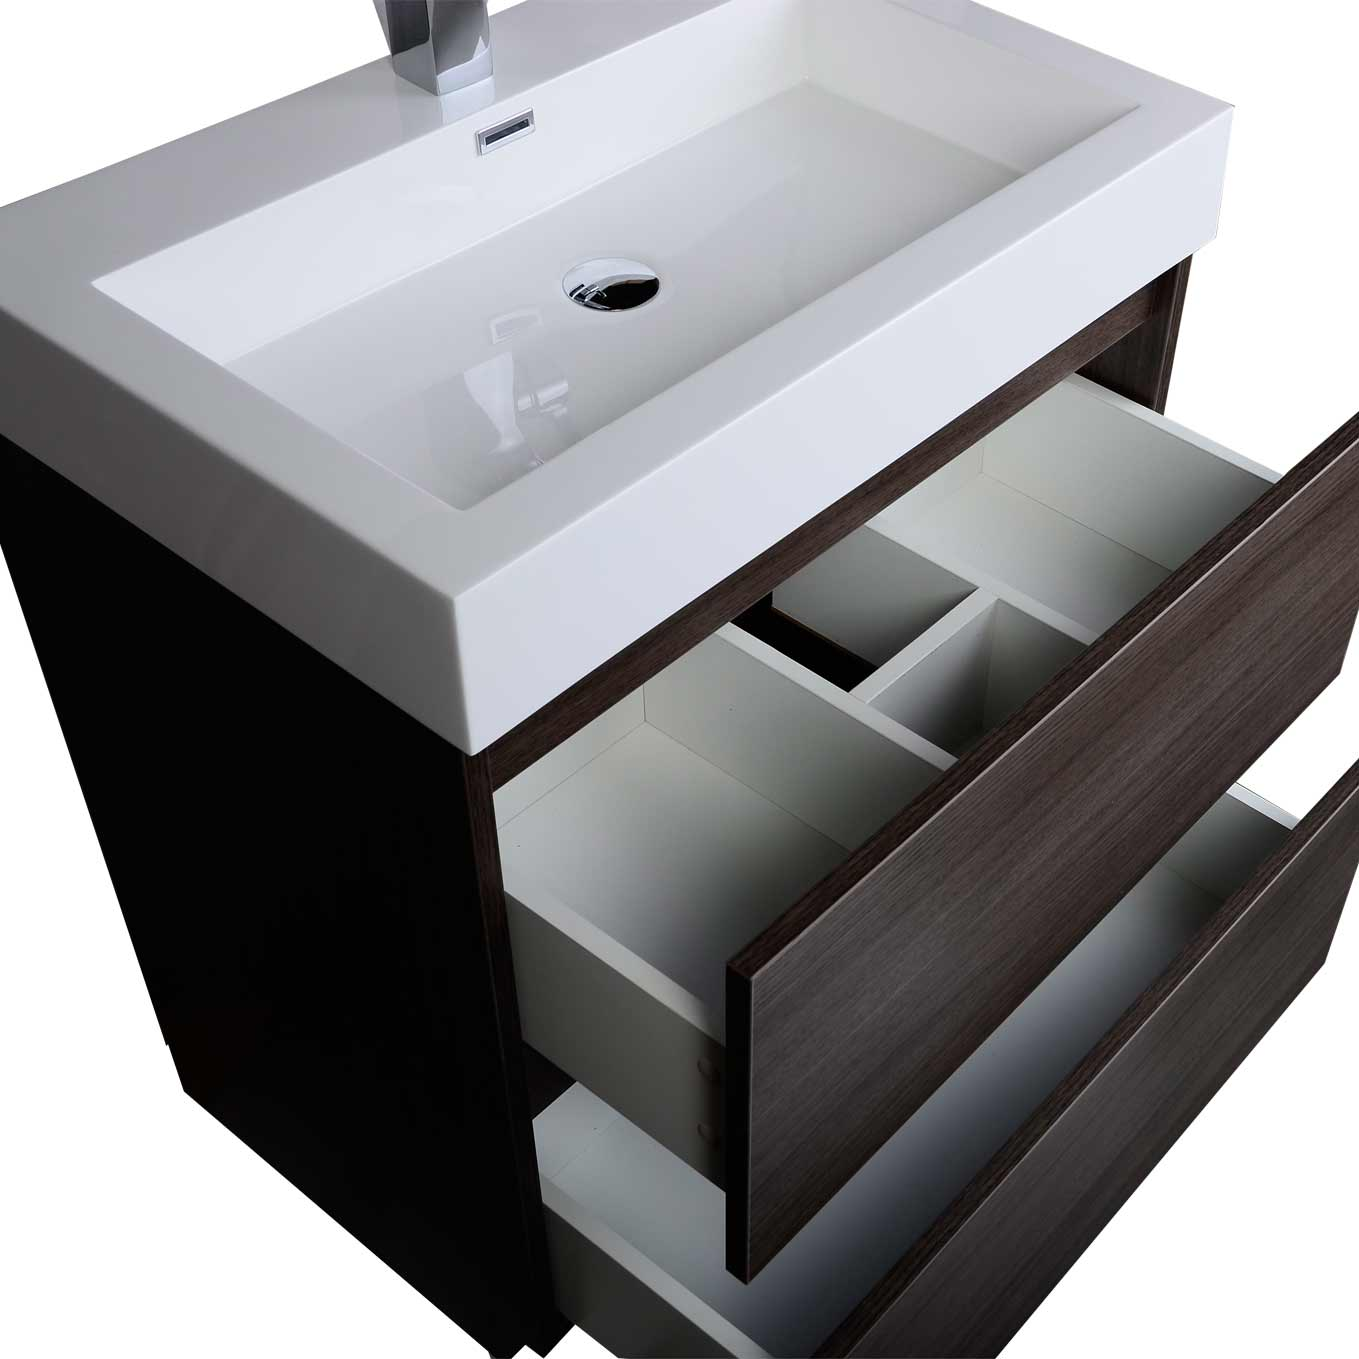 29 5 Contemporary Bathroom Vanity Black Sable TN LY750 BS Conceptbath